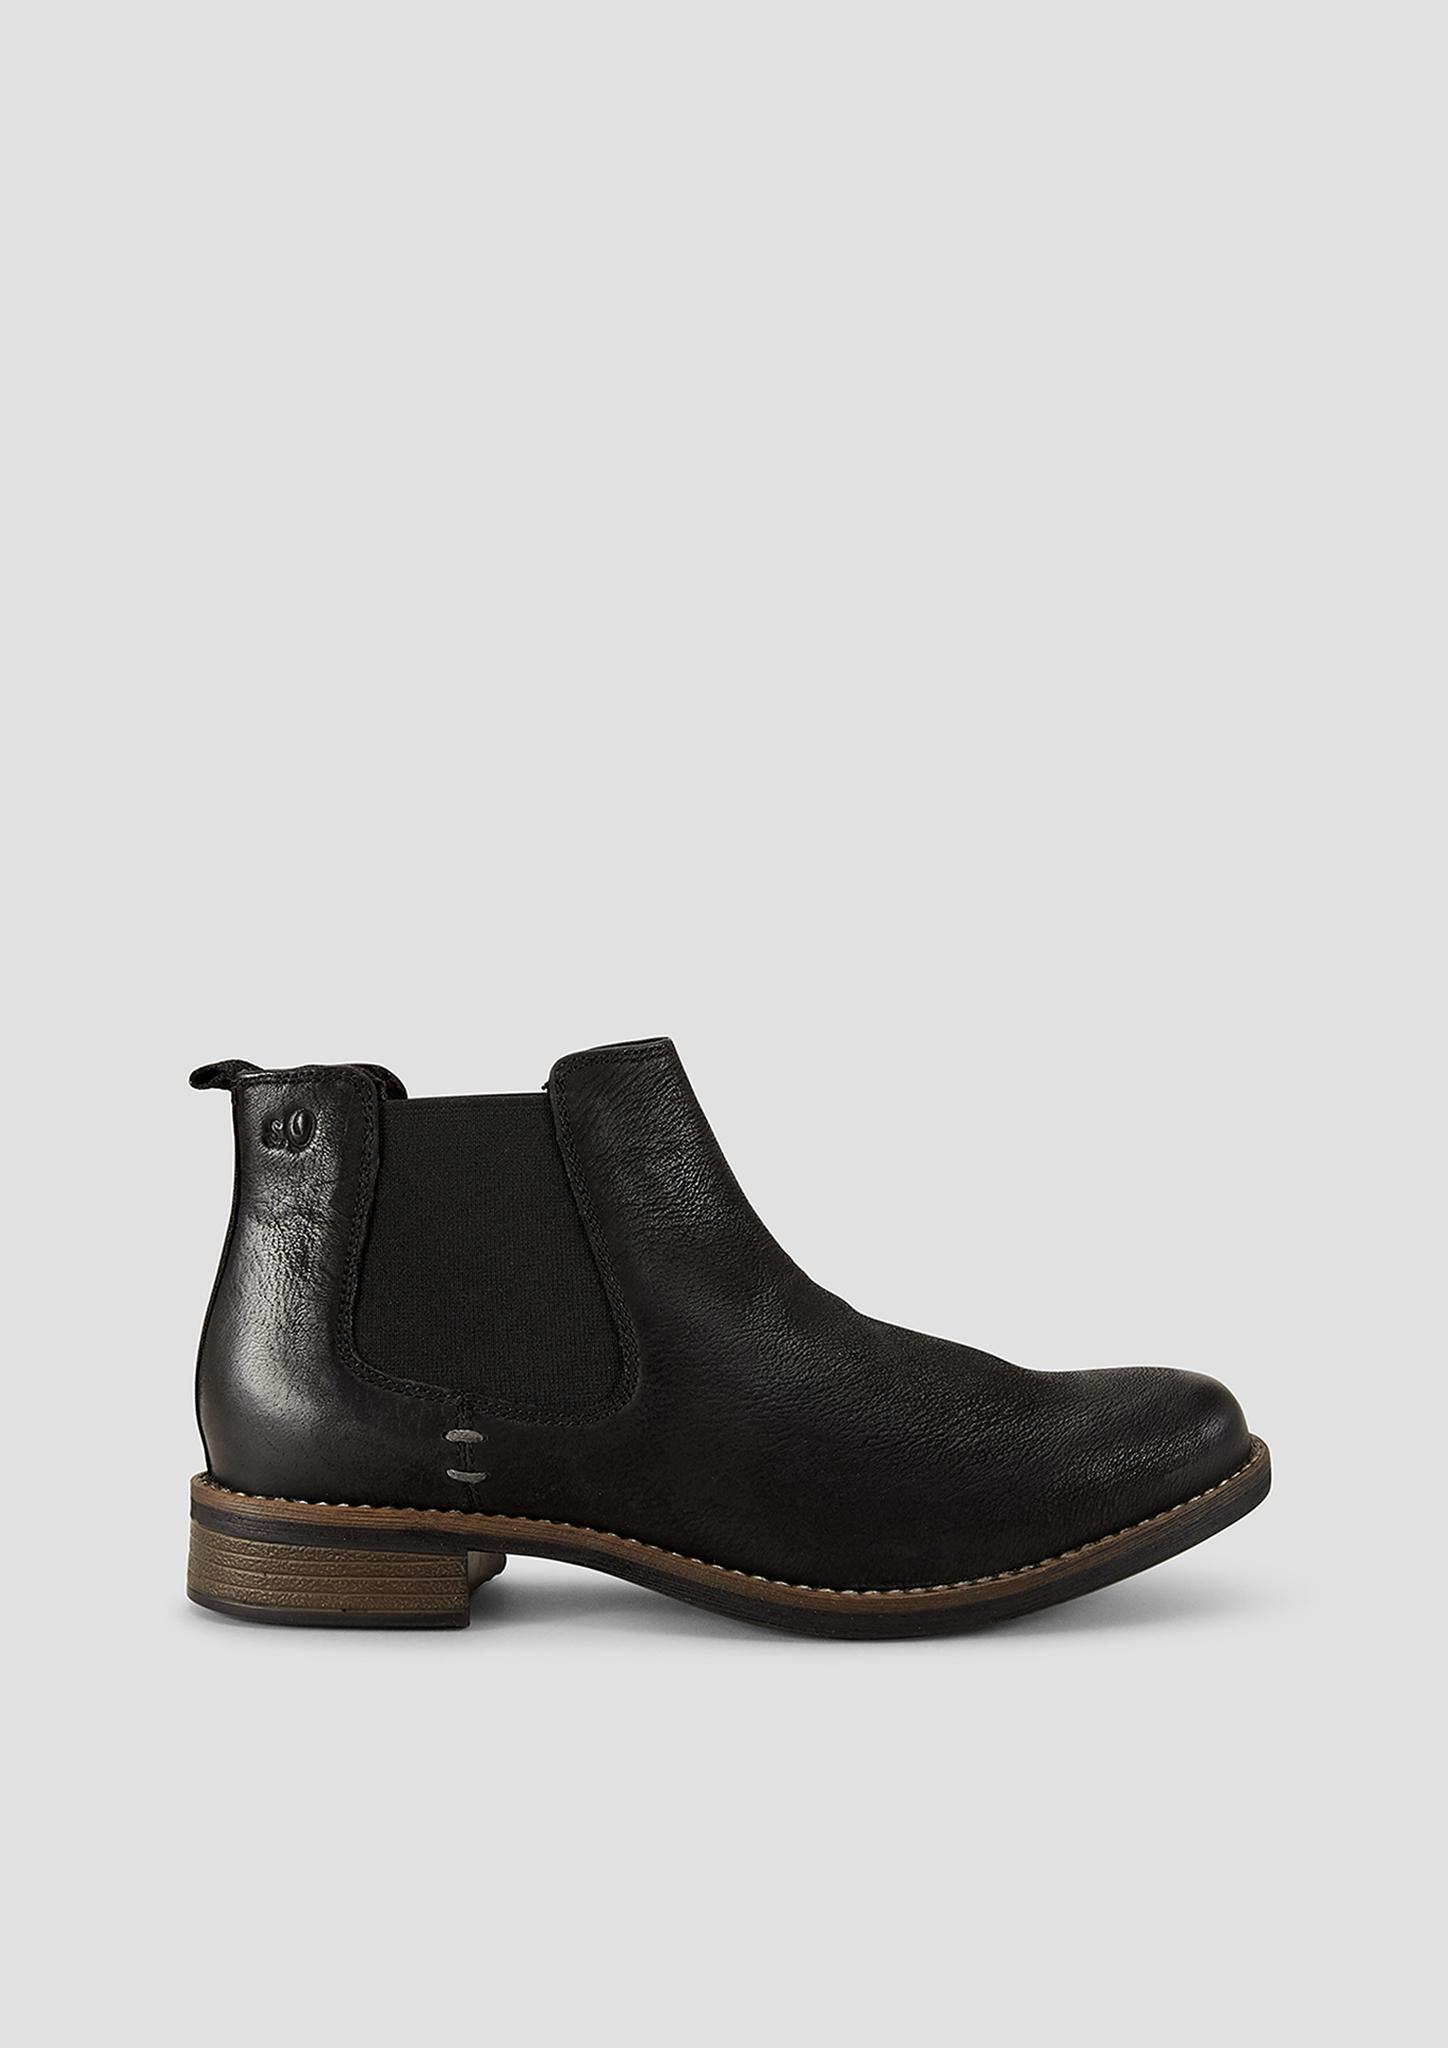 Chelsea-Boots | Schuhe > Boots > Chelsea-Boots | Grau/schwarz | Obermaterial aus leder| innenfutter und innensohle aus textil| laufsohle aus synthetik | s.Oliver